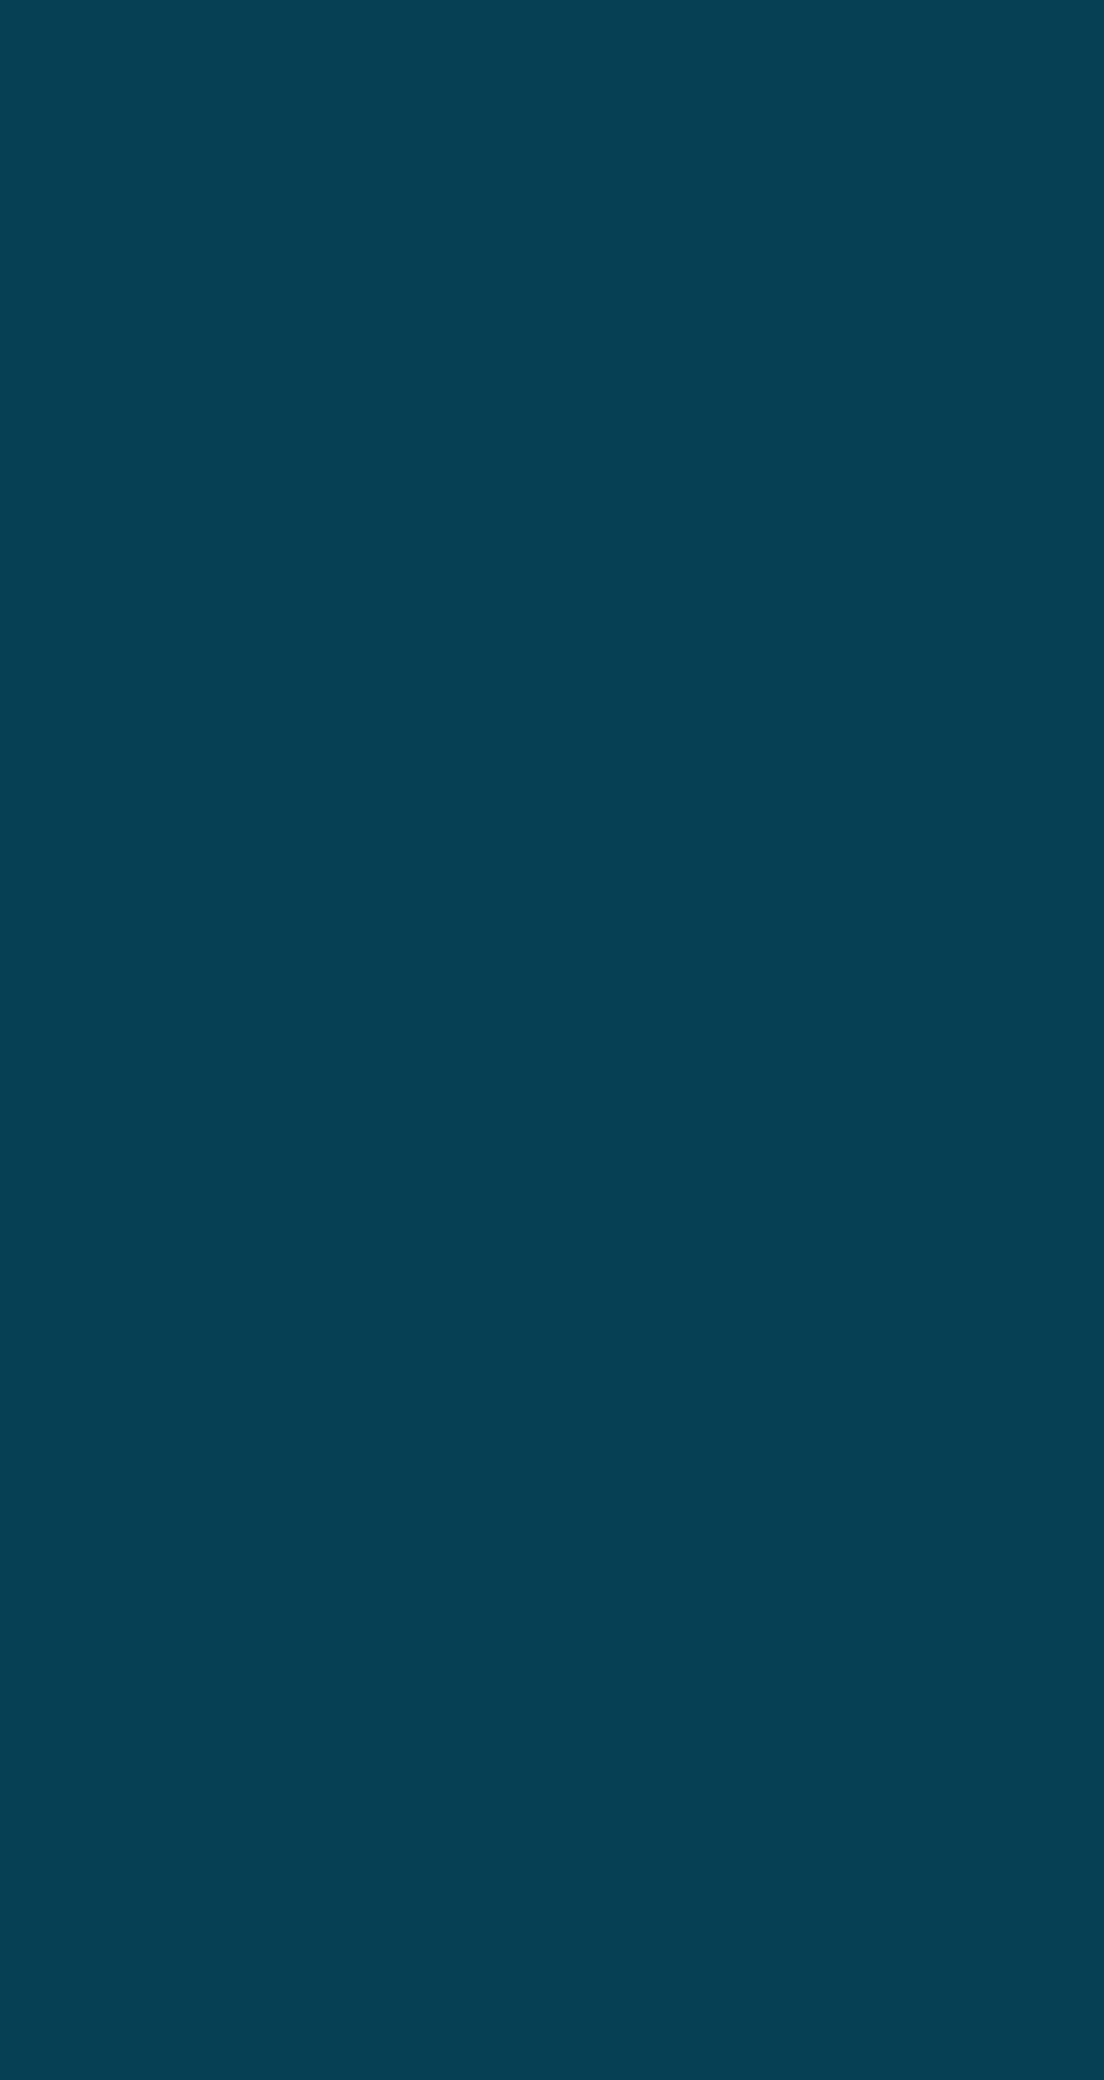 placa azul.png